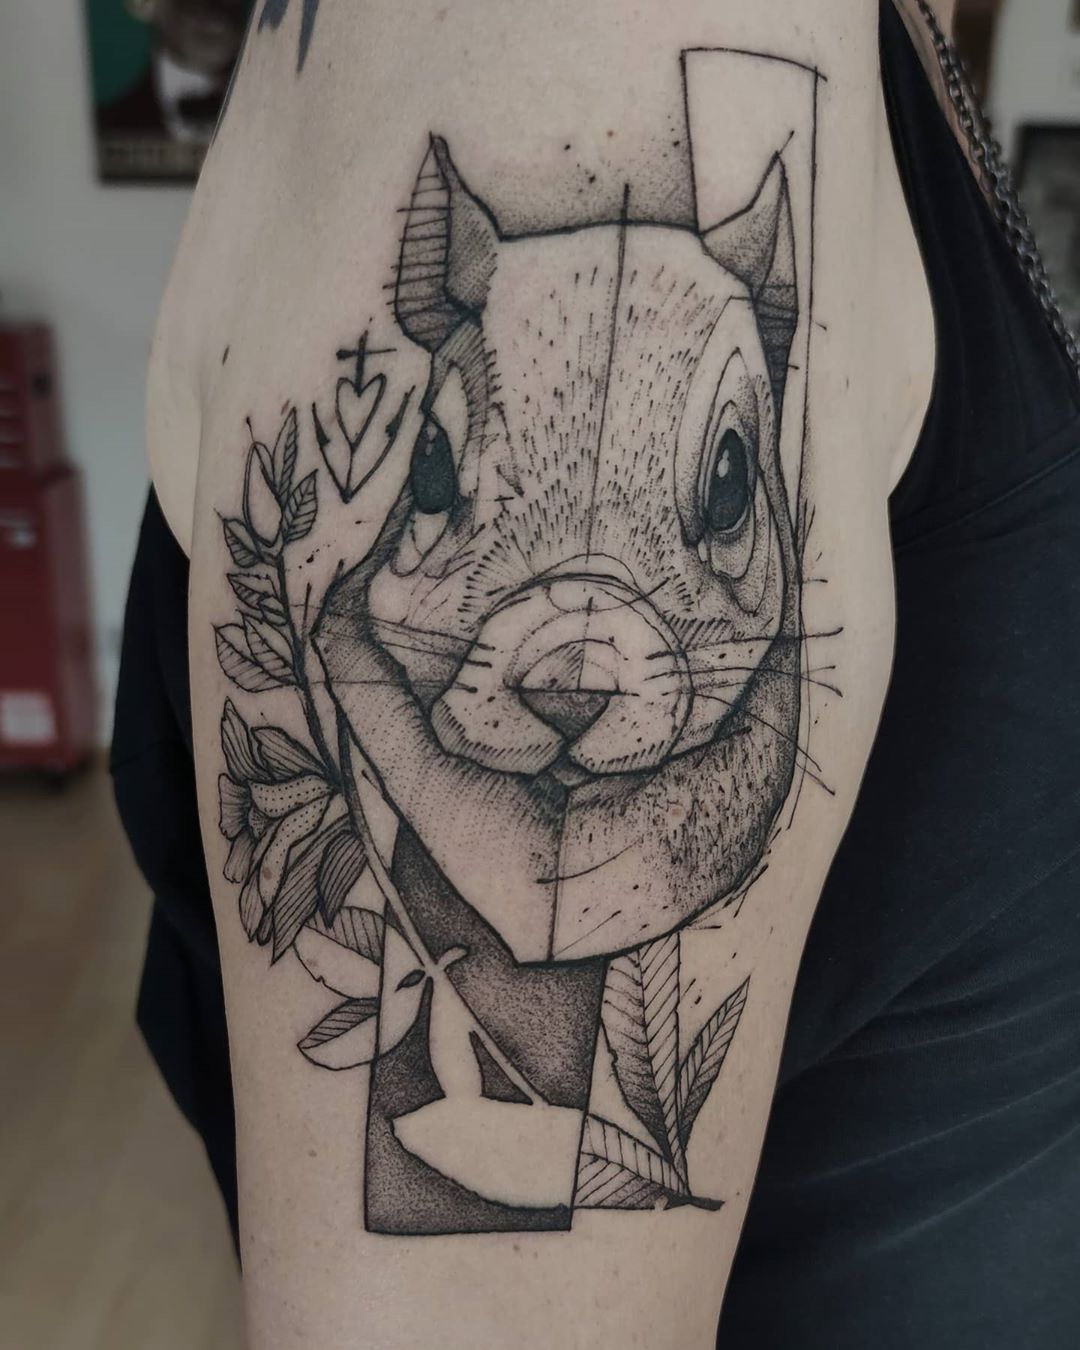 """Gaston Tonus : : : GAX : : : on Instagram: """"#blacktattoo#blackworkers#deutschland#germany#wiesbaden#artof_black#darkartists#tttism#thebesttattooartists#blackworkers_tattoo#grafiktattoo#blackwork#tattoo#blackworkersubmission#tattrx#tattoo#tattooed#tattooartists#tattooedlife#tattootime#tattooaddict#ink#onlyblack#feelfarbig#sketchtattoo"""""""